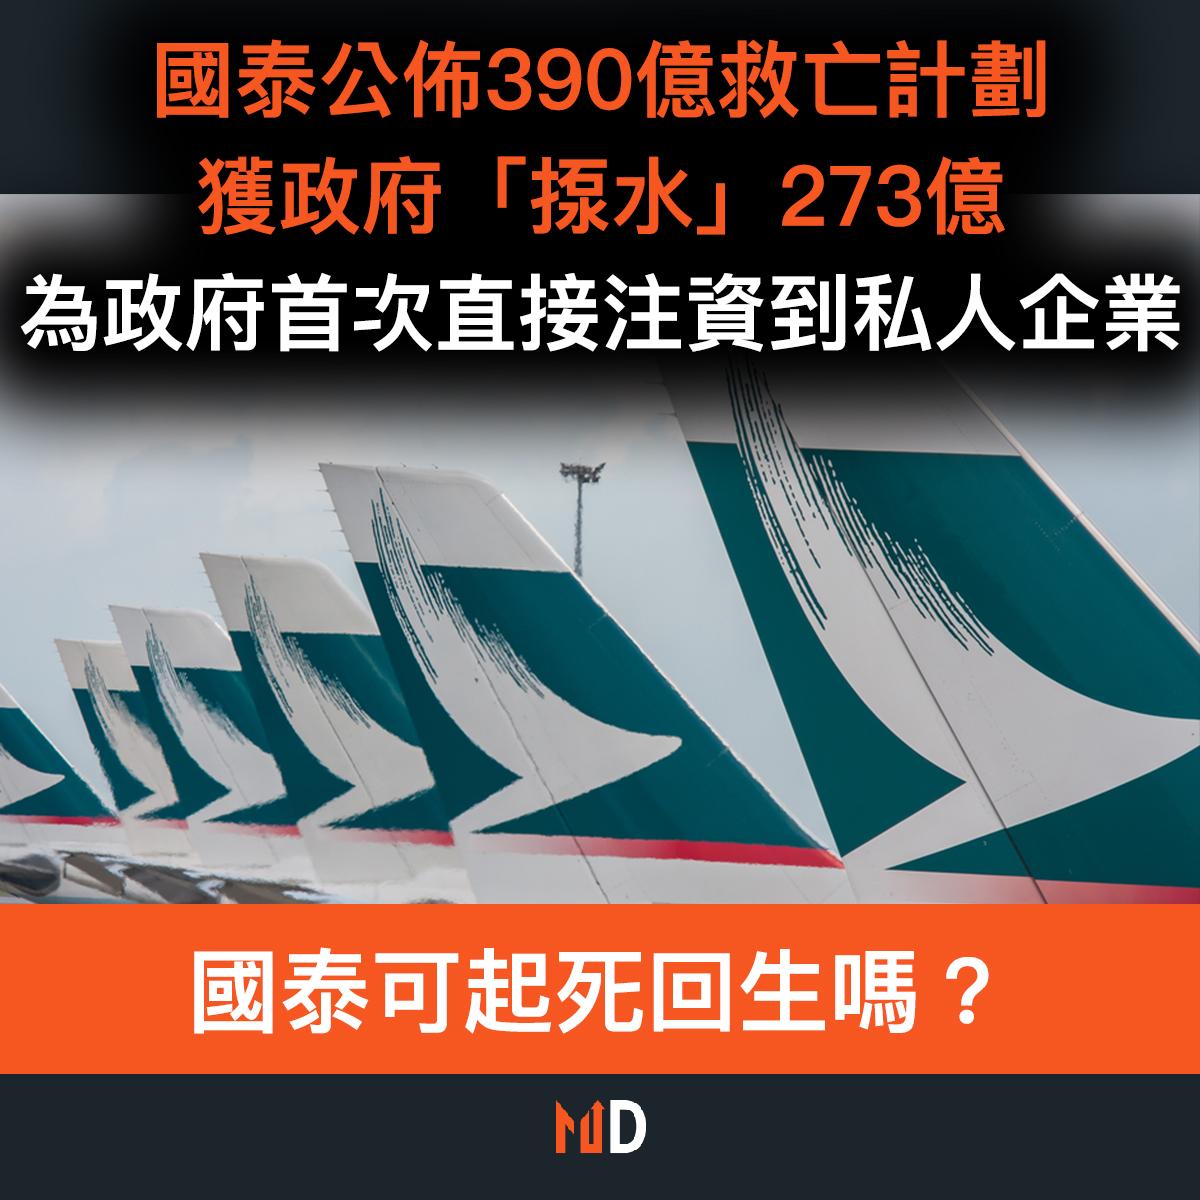 【市場熱話】國泰公佈390億救亡計劃,政府「揼水」273億,為政府首次直接注資到私人企業